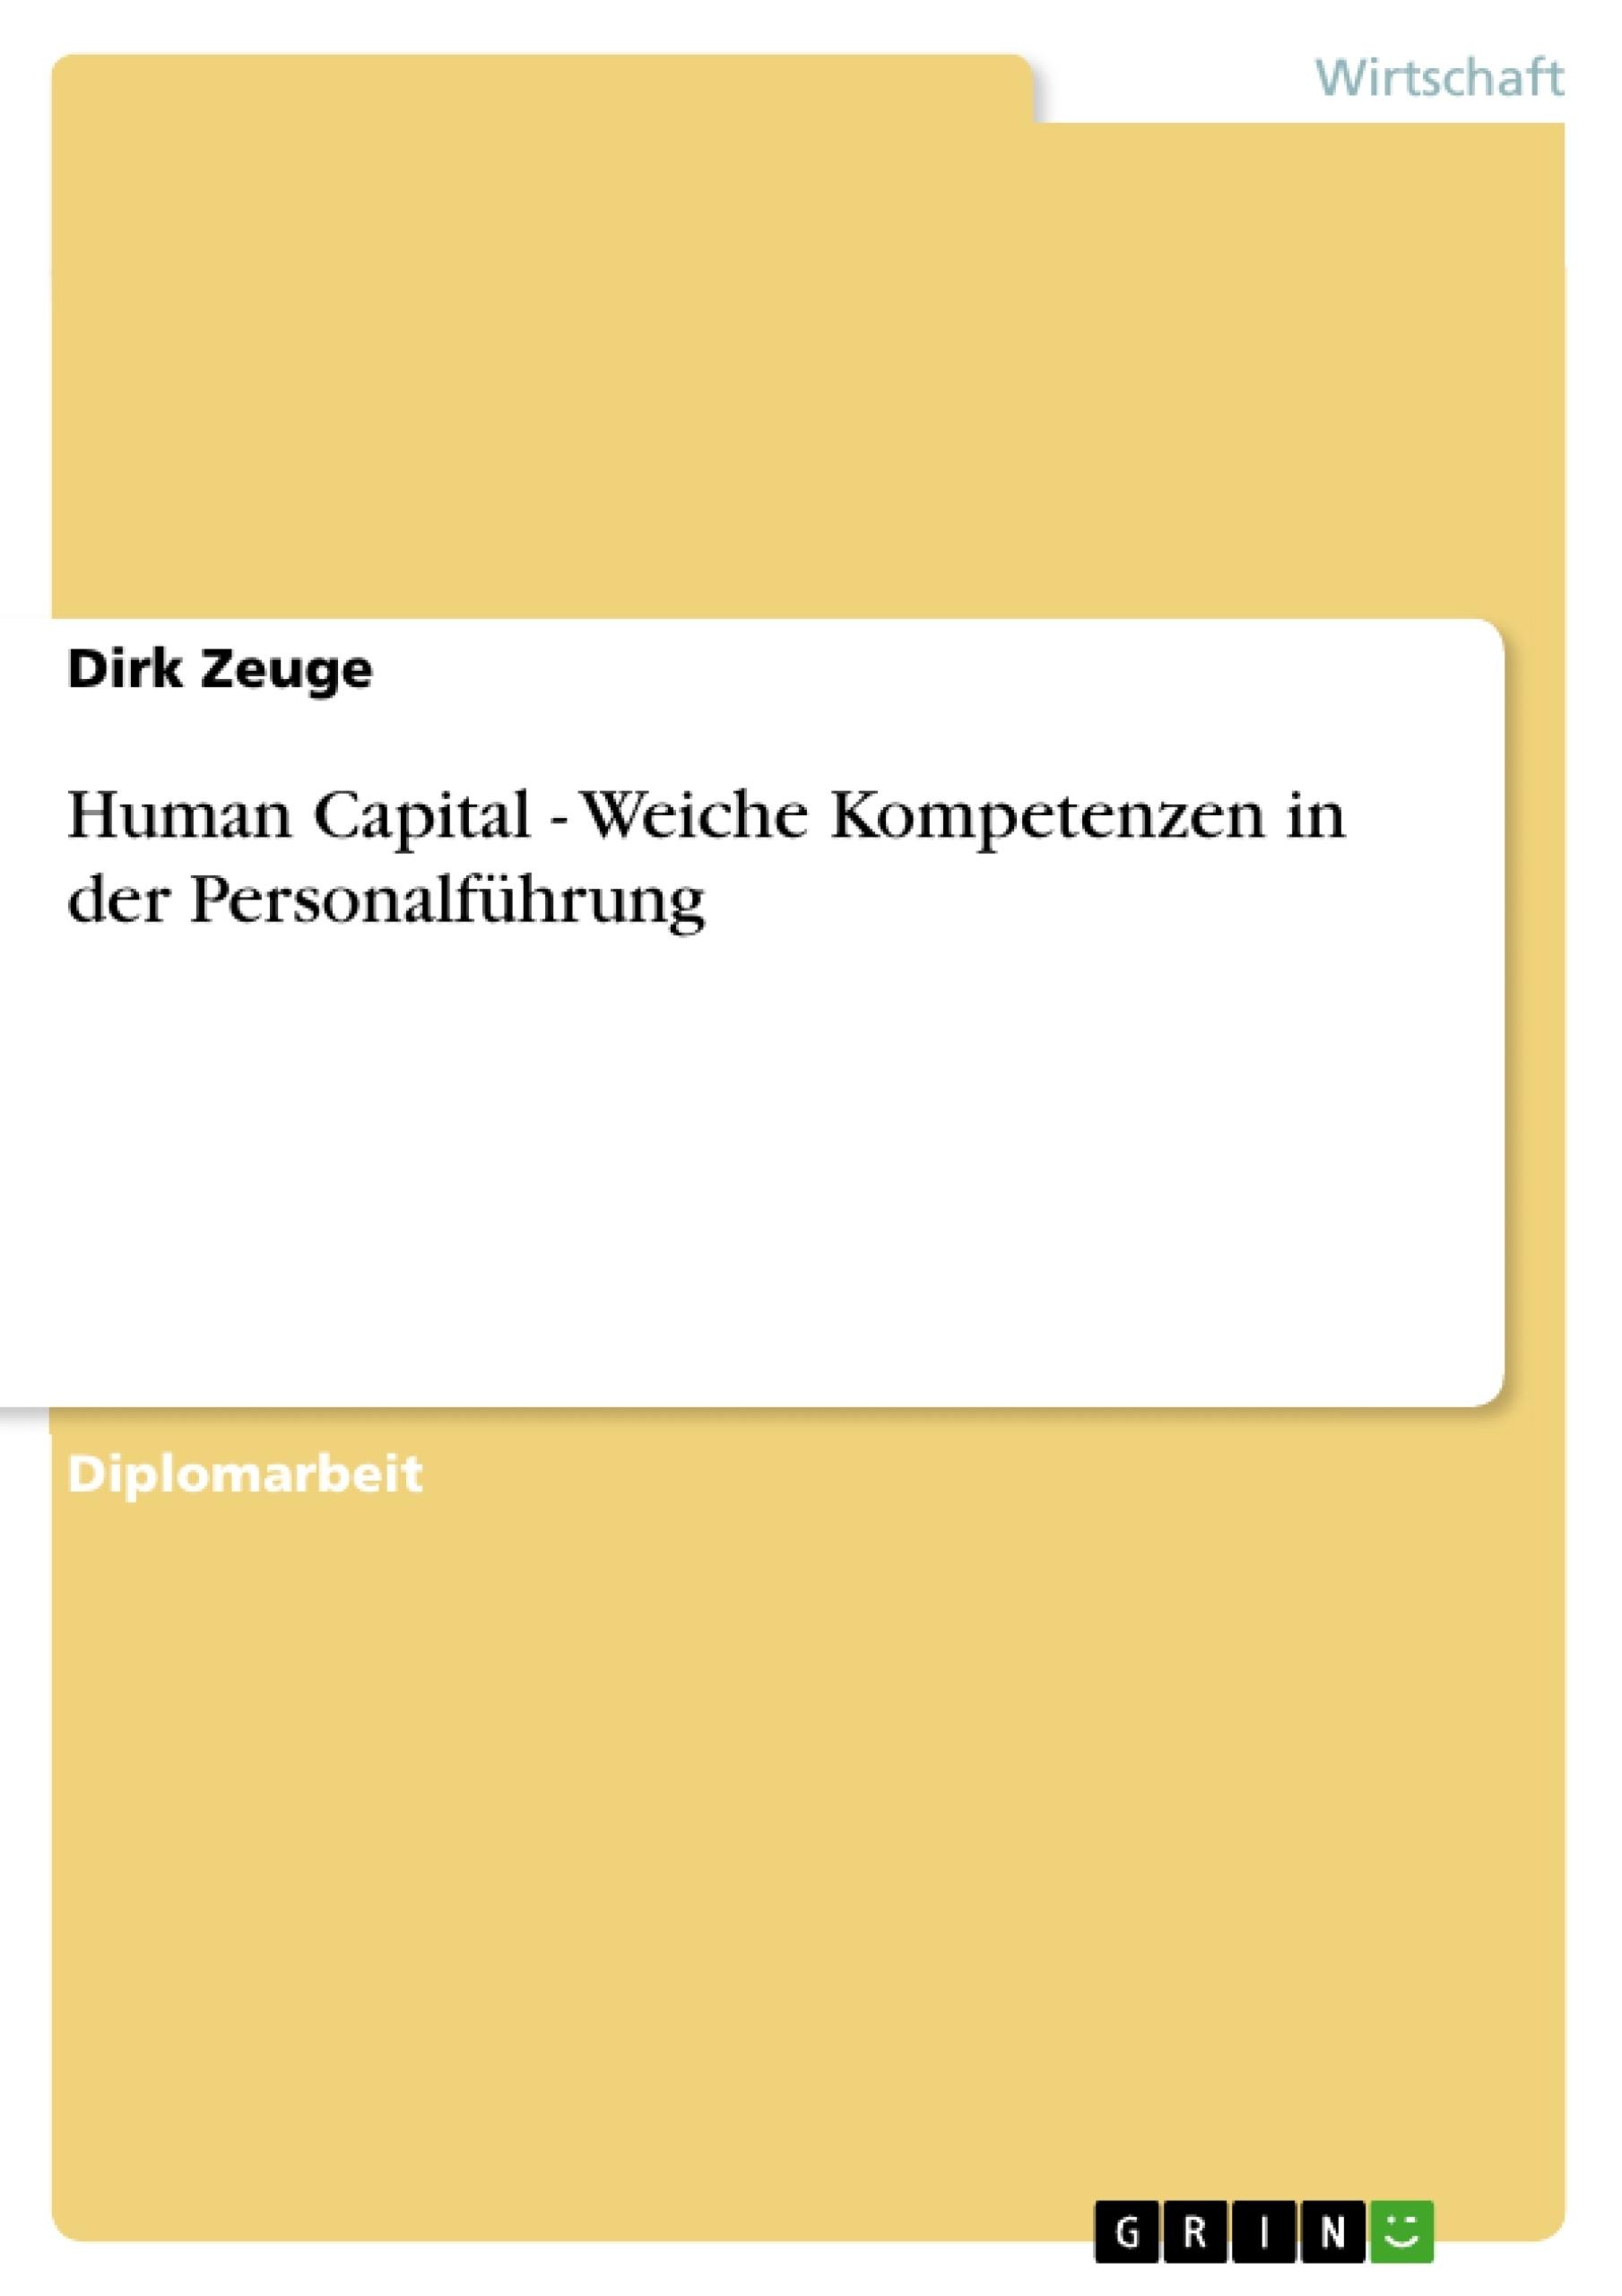 Titel: Human Capital - Weiche Kompetenzen in der Personalführung